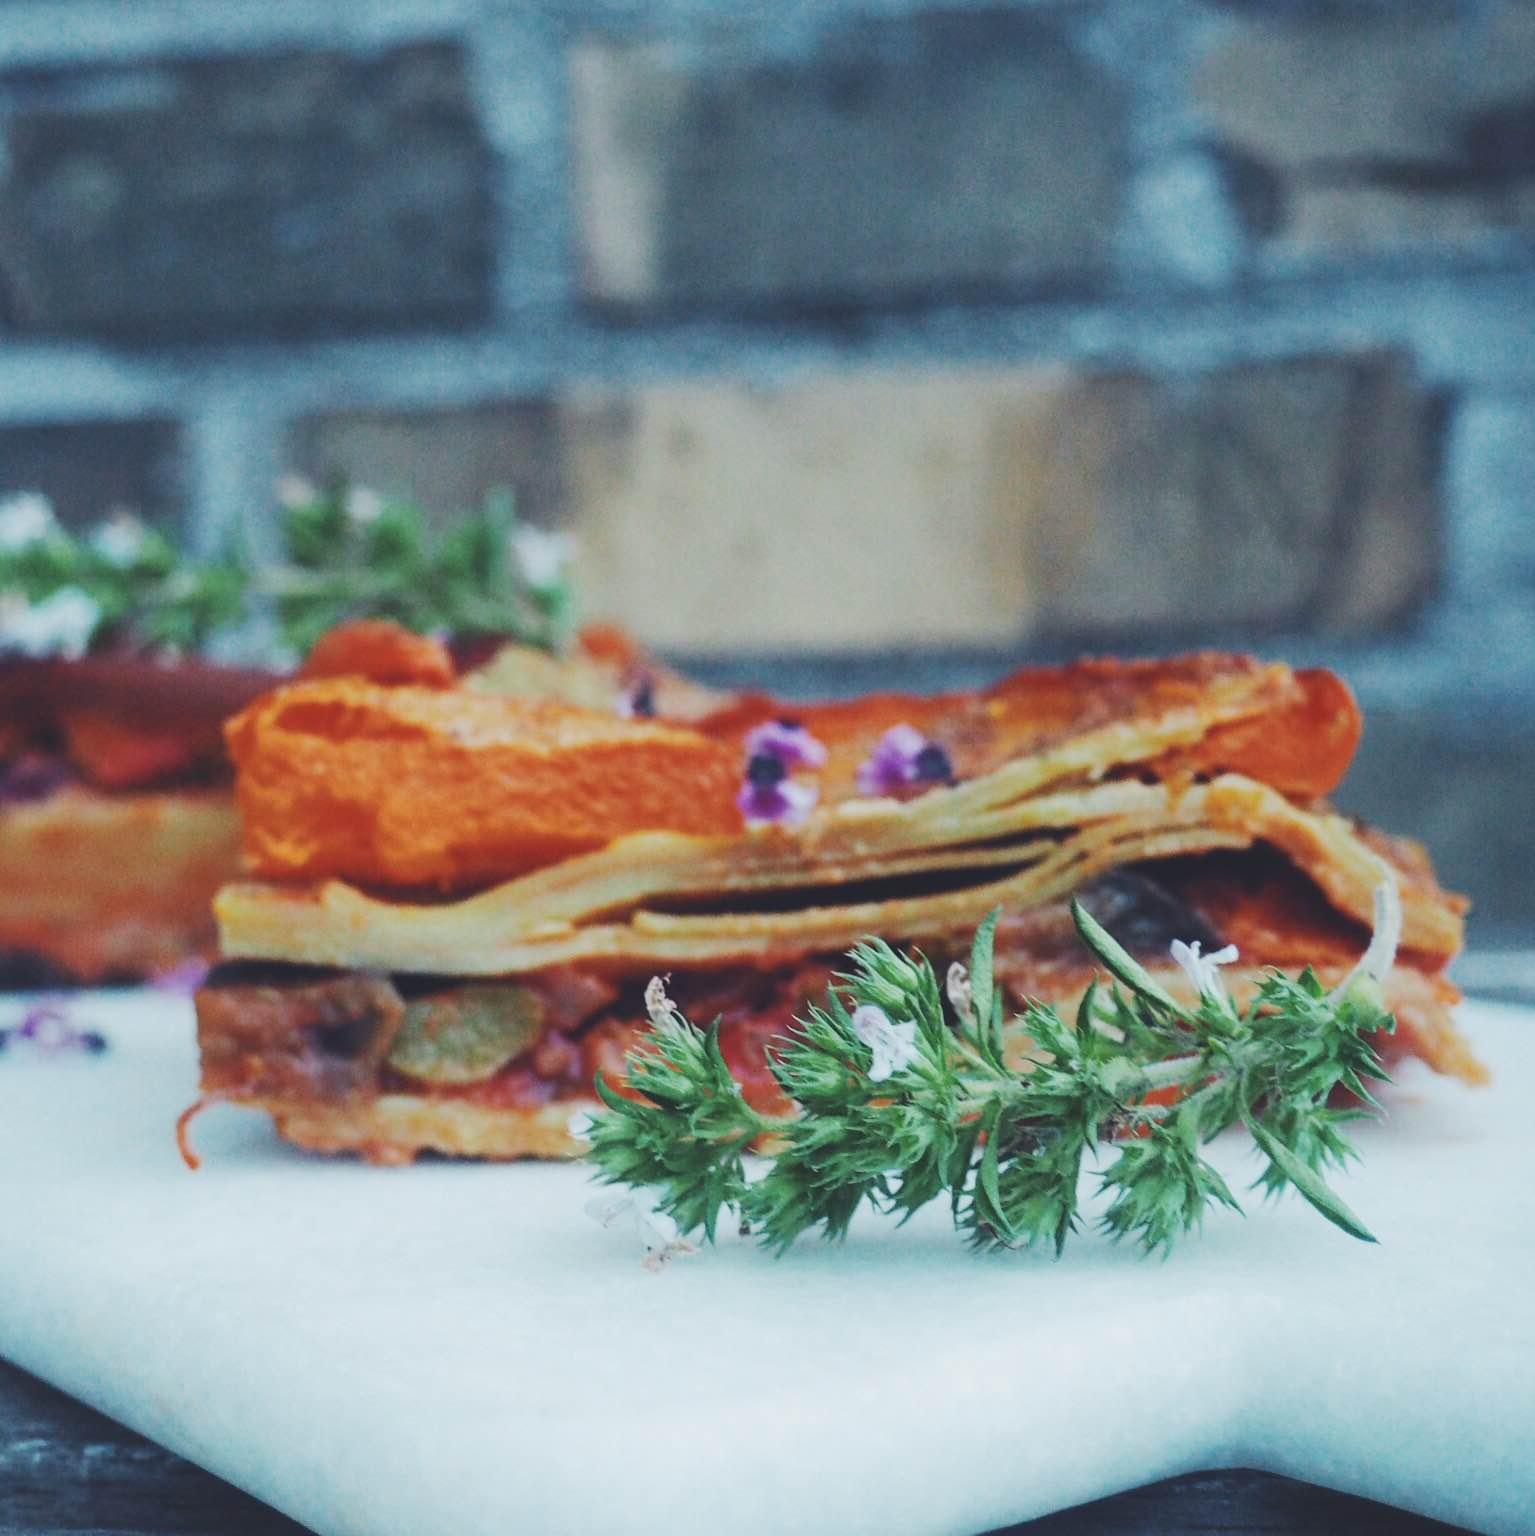 Vegansk græskarlasagne med bønner og græskar